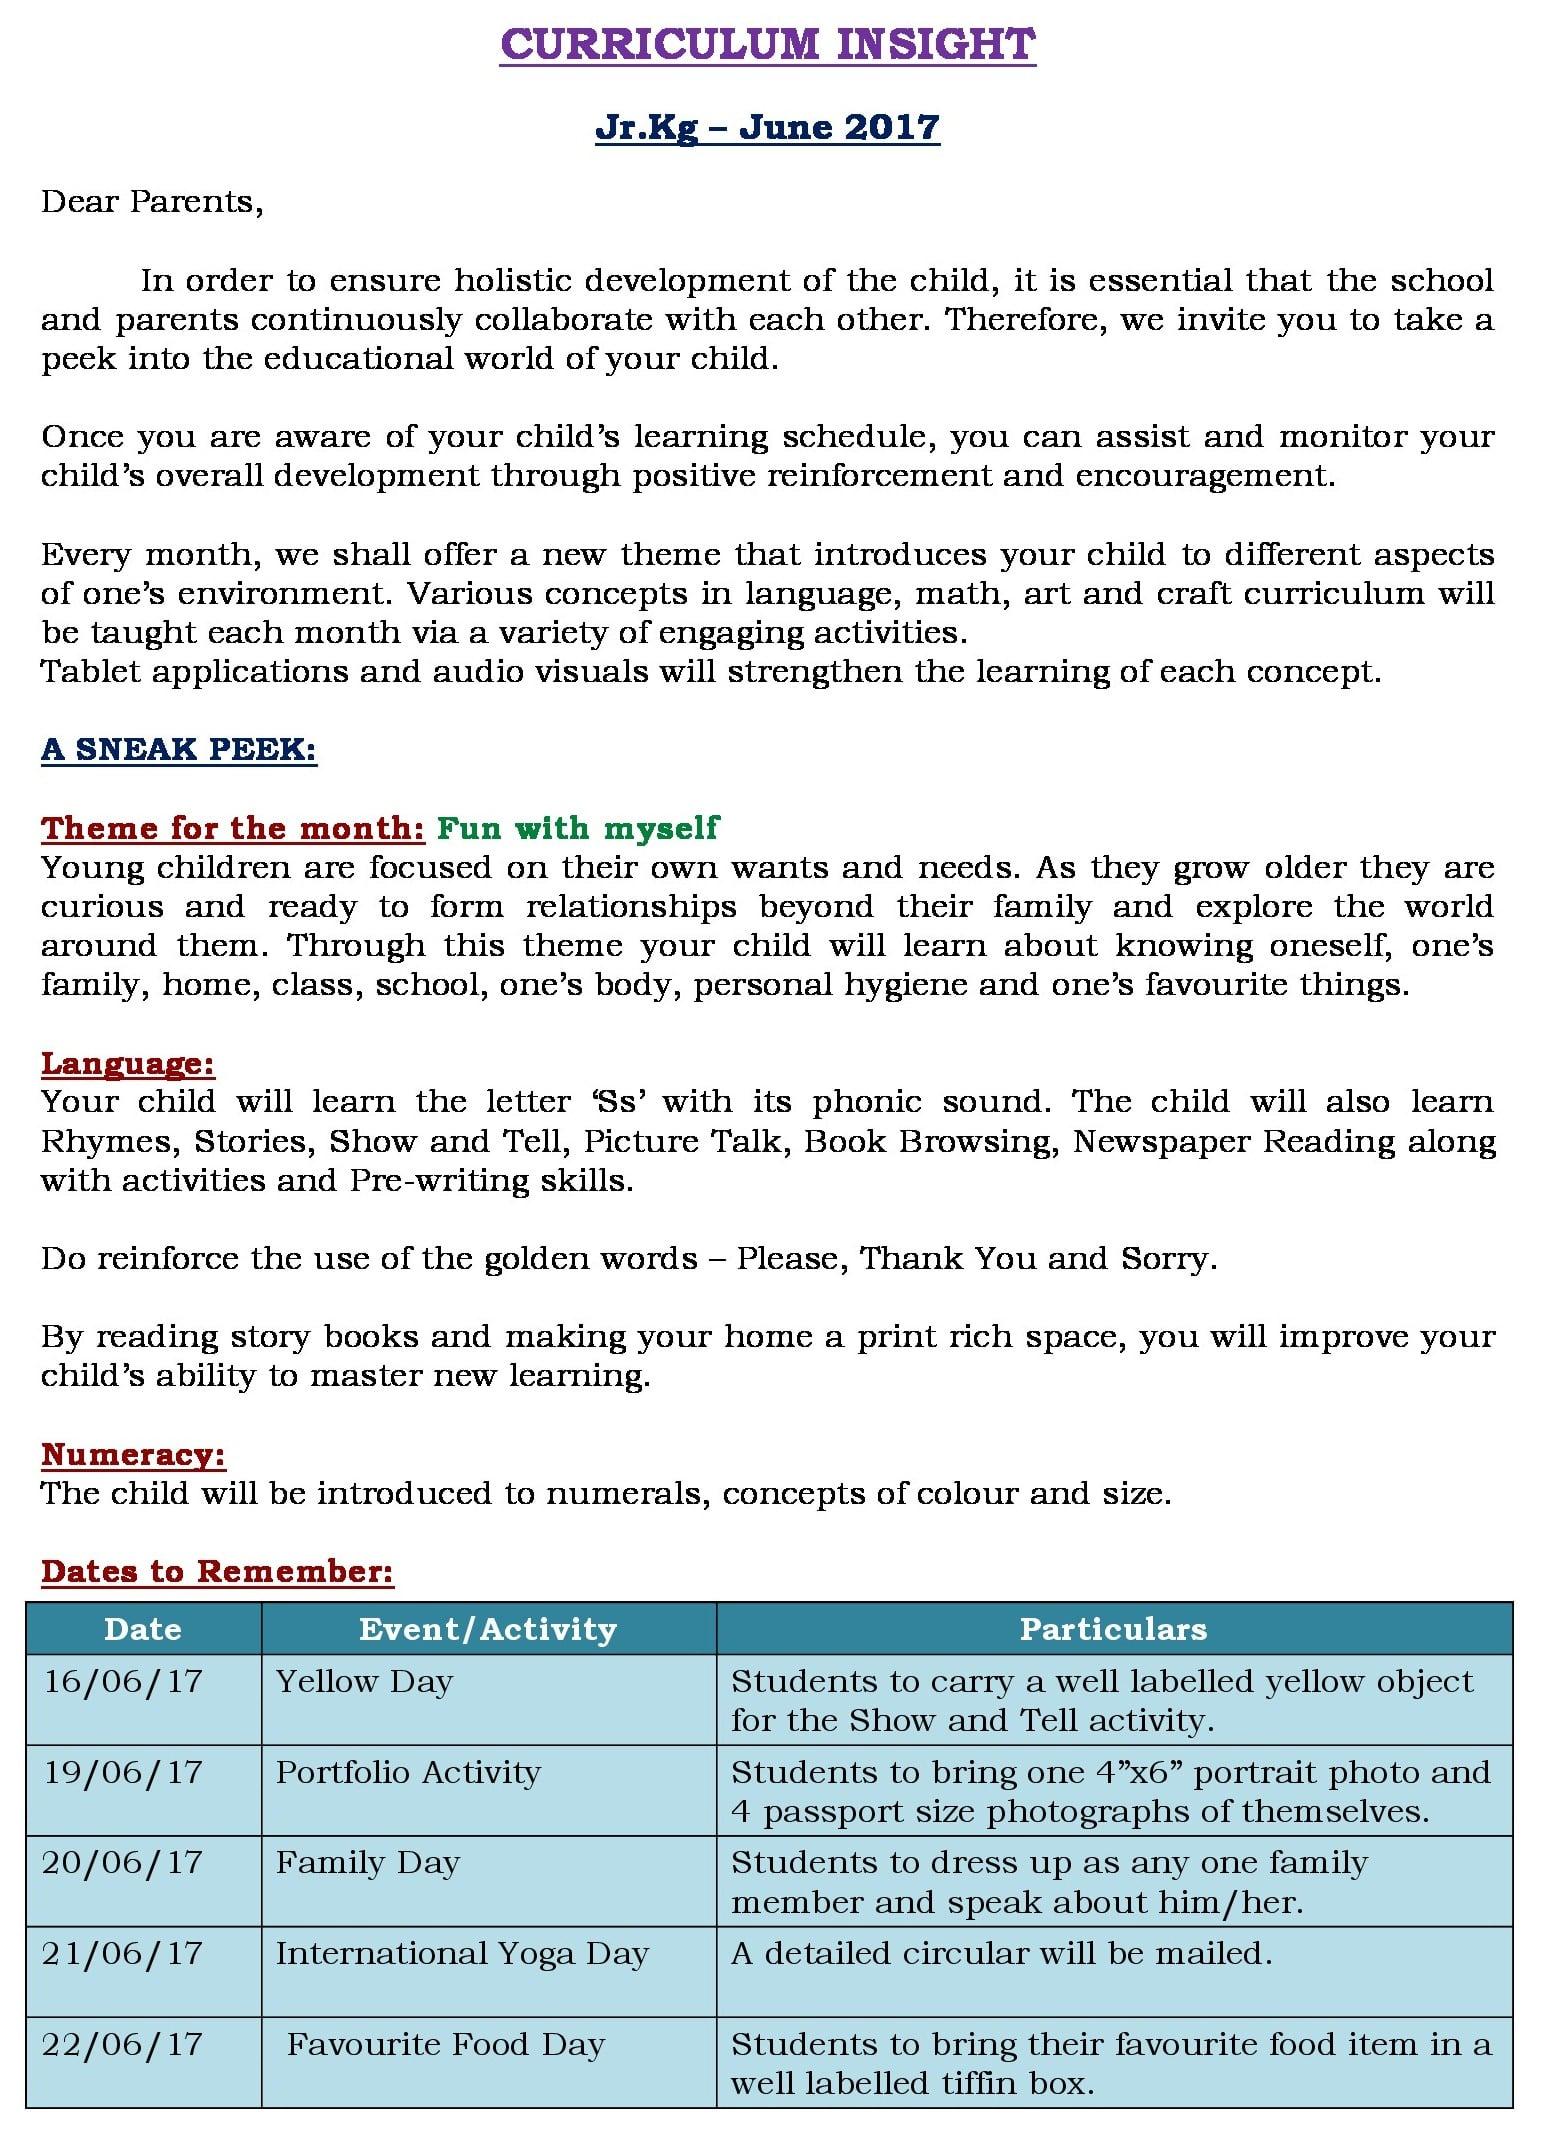 Curriculum Insight- June'17